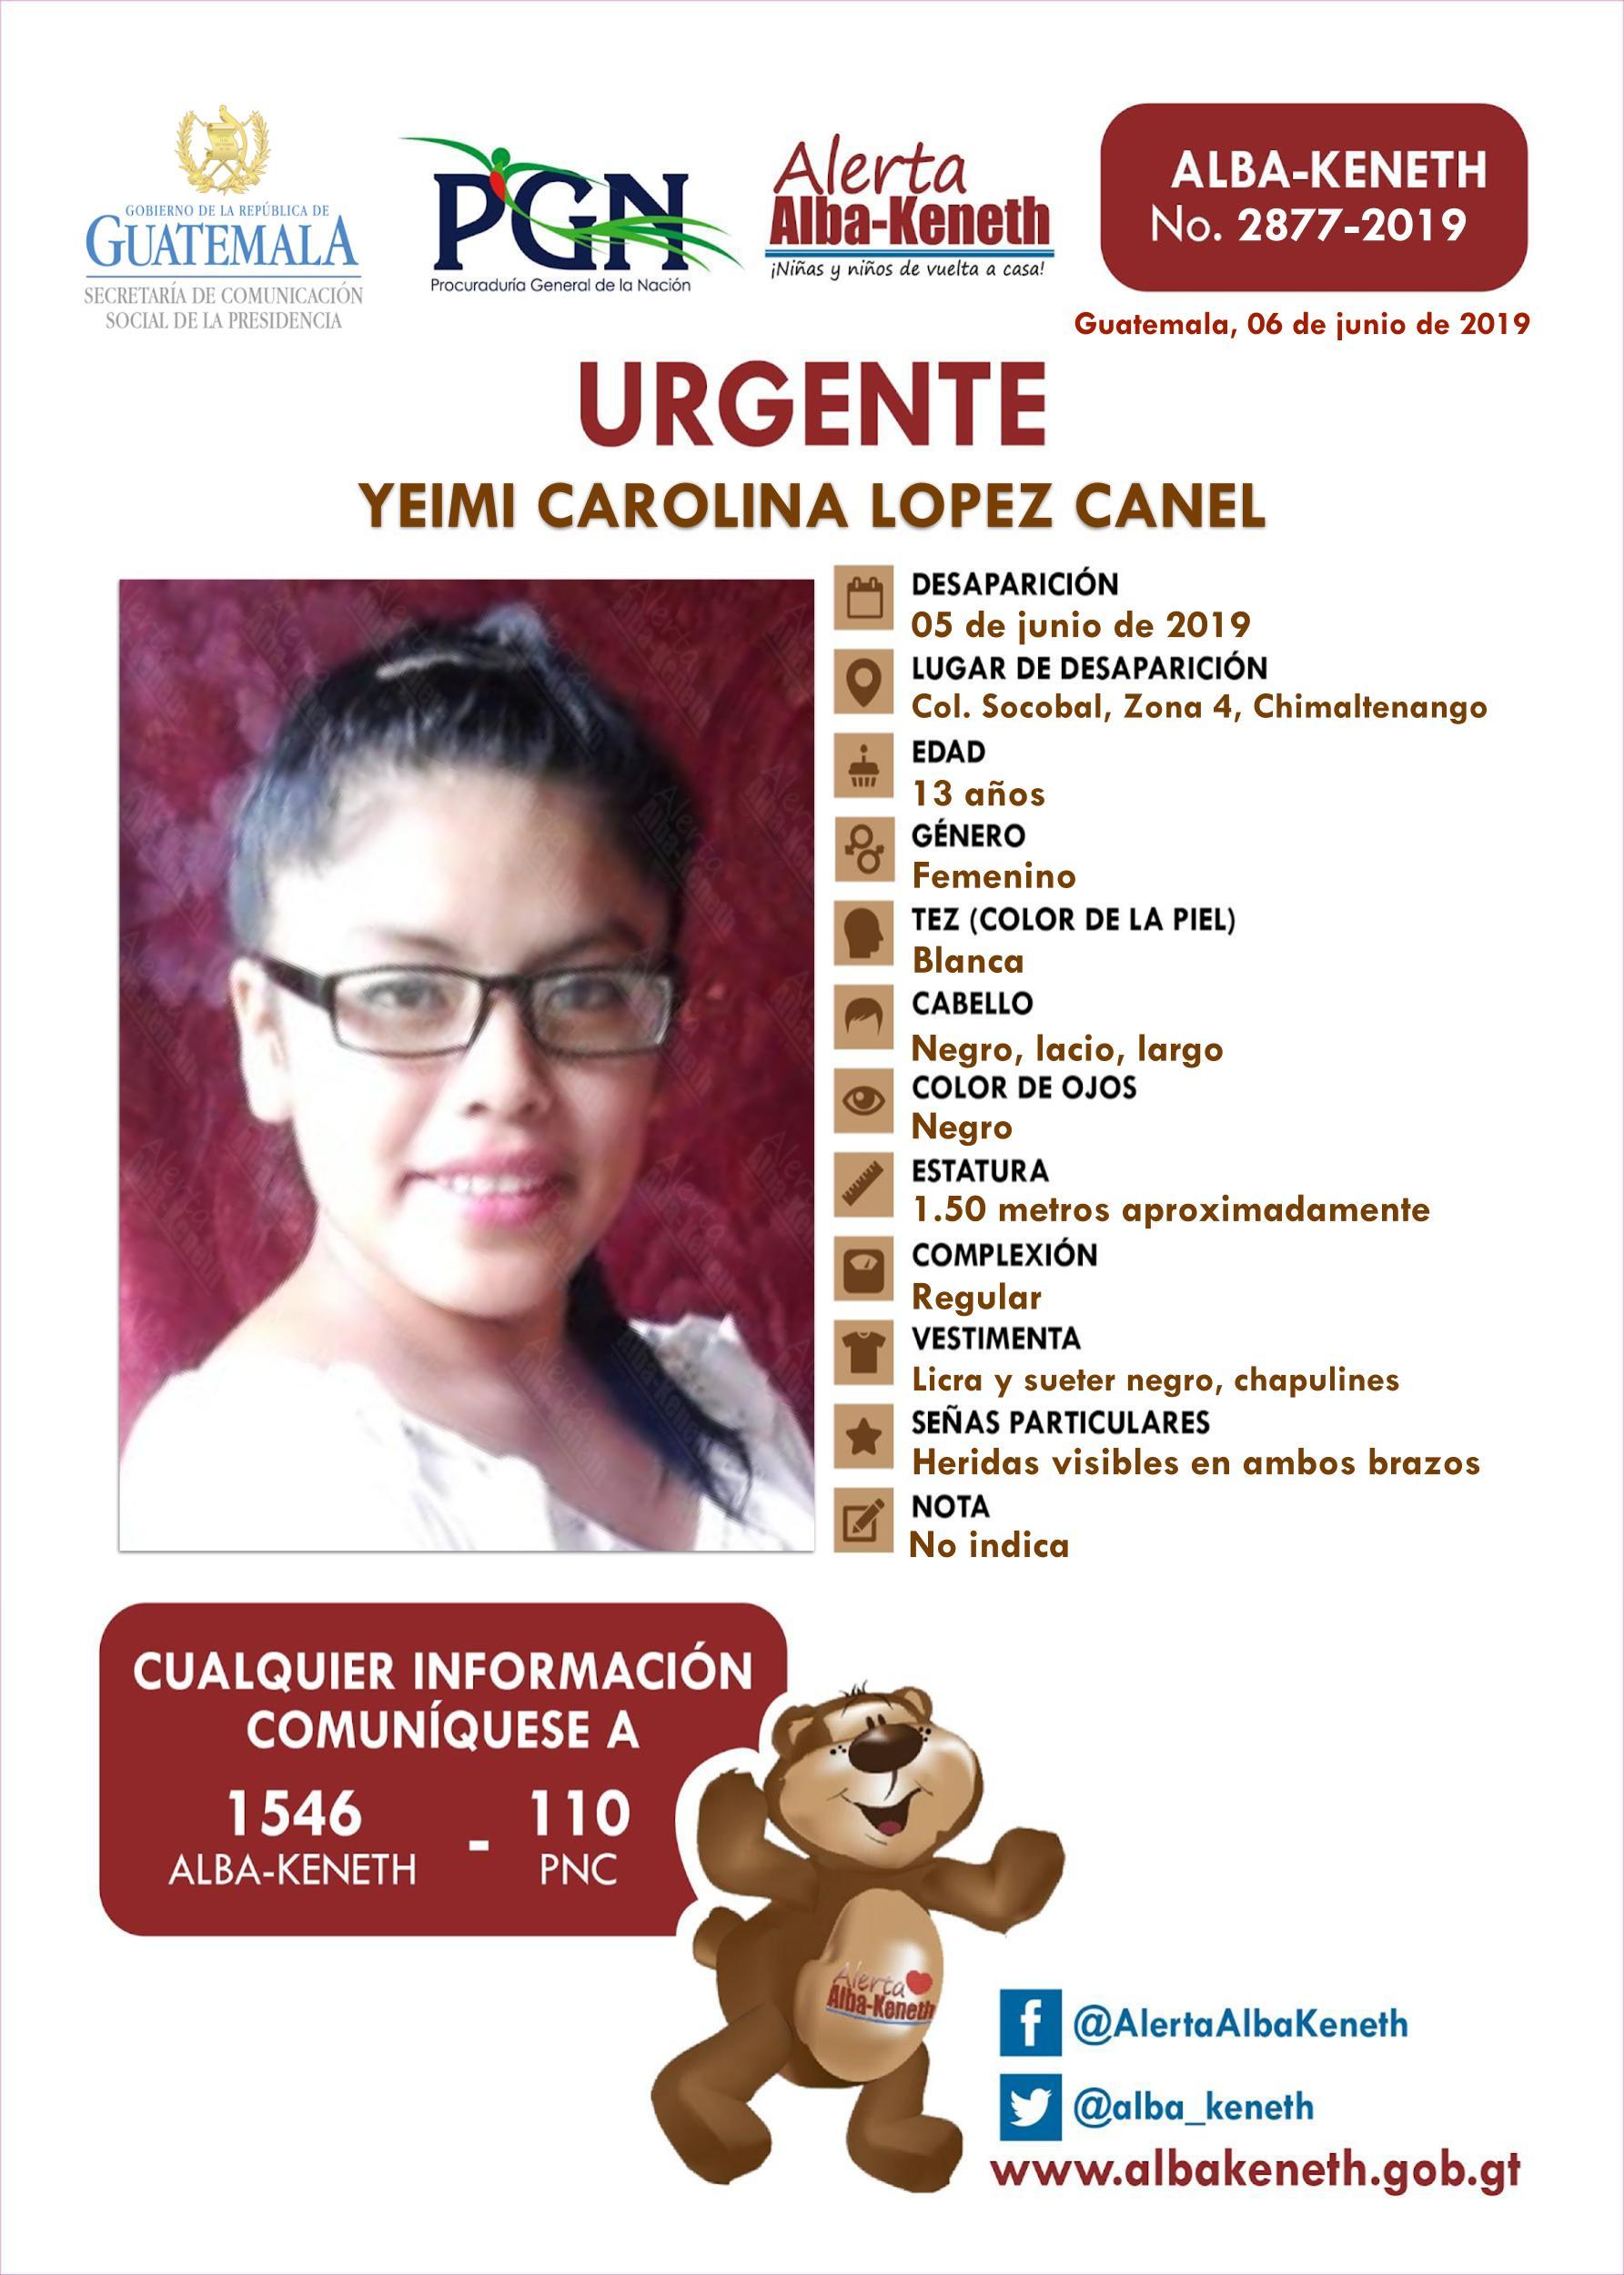 Yeimi Carolina Lopez Canel